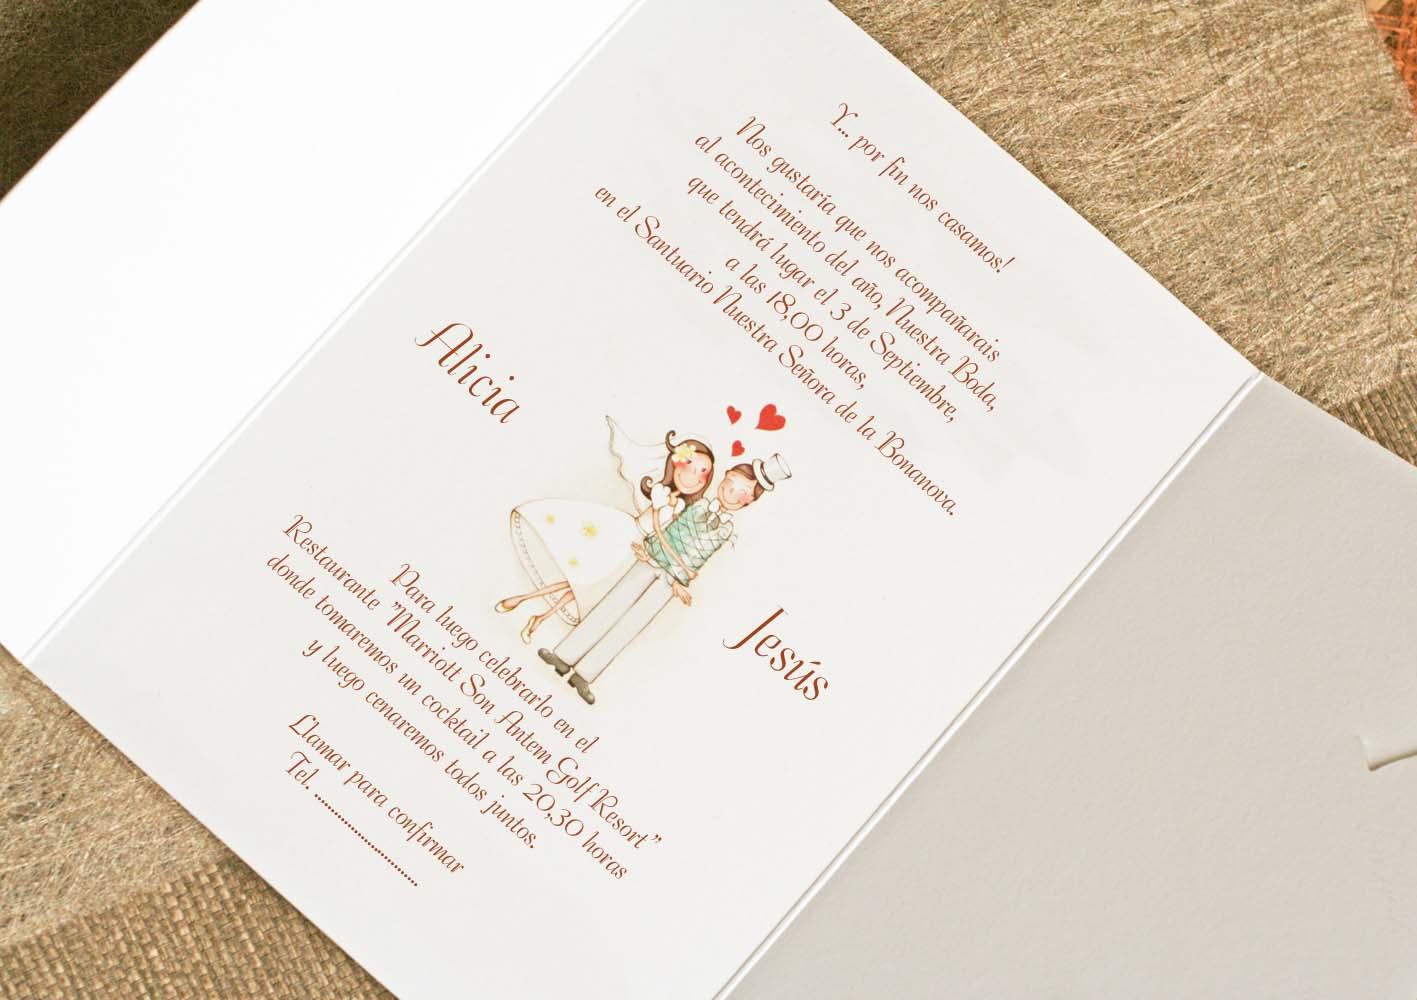 Invitaci n de boda te cac - Modelos de tarjetas de boda ...